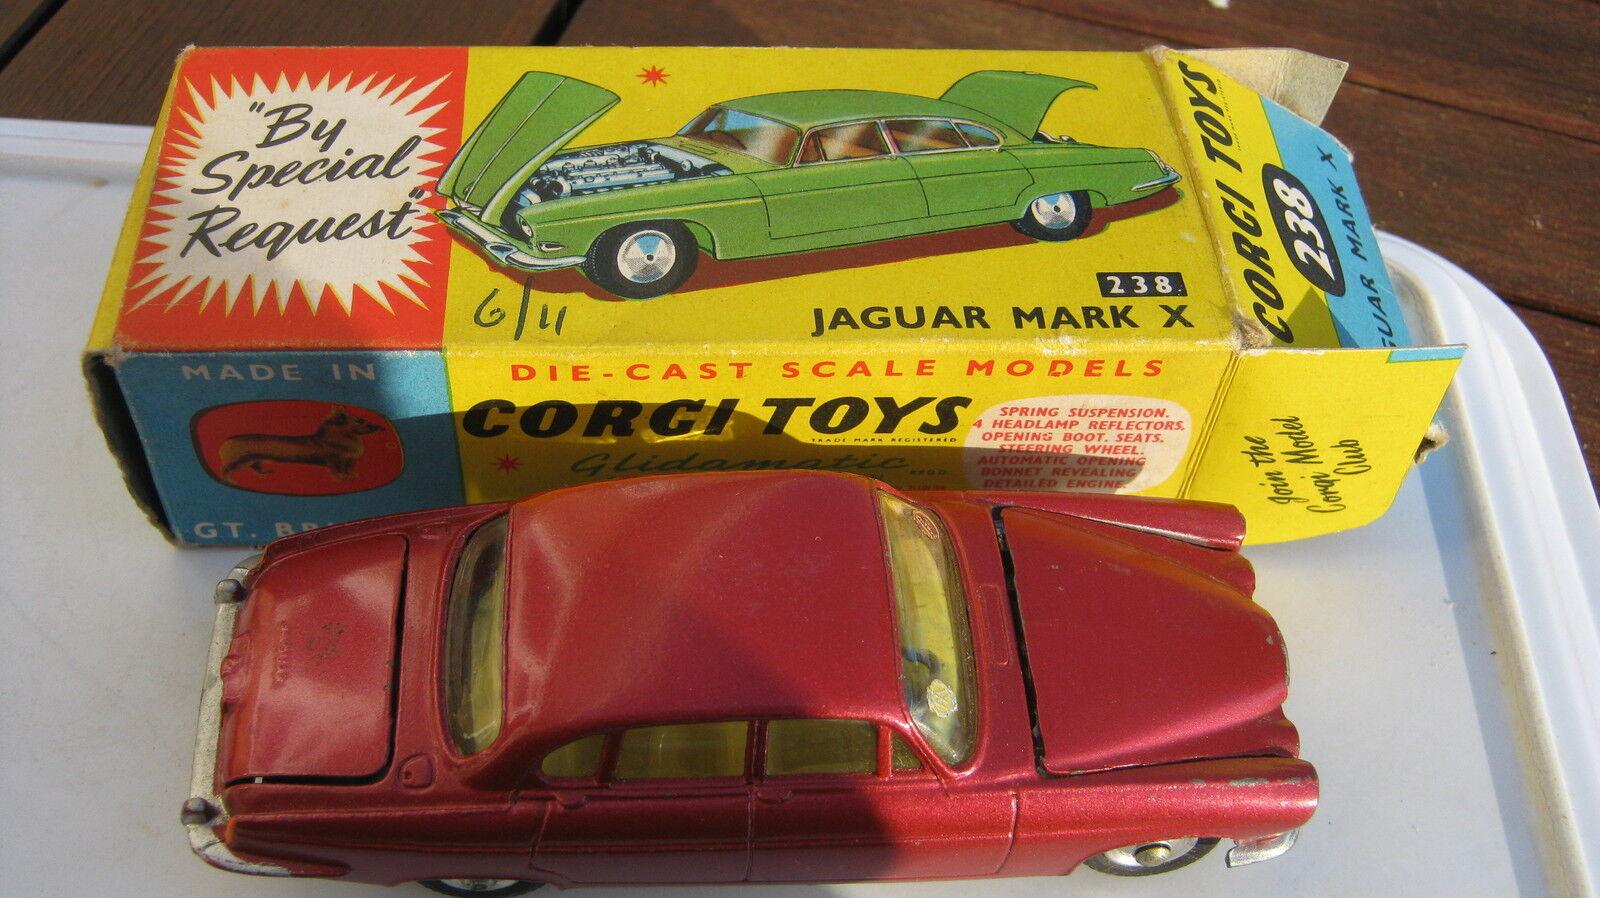 CORGI 238 jaguar mk 10 10 10 original très légèreHommes t playworn en très bonne boîte d'origine | Outlet Online Store  632a78